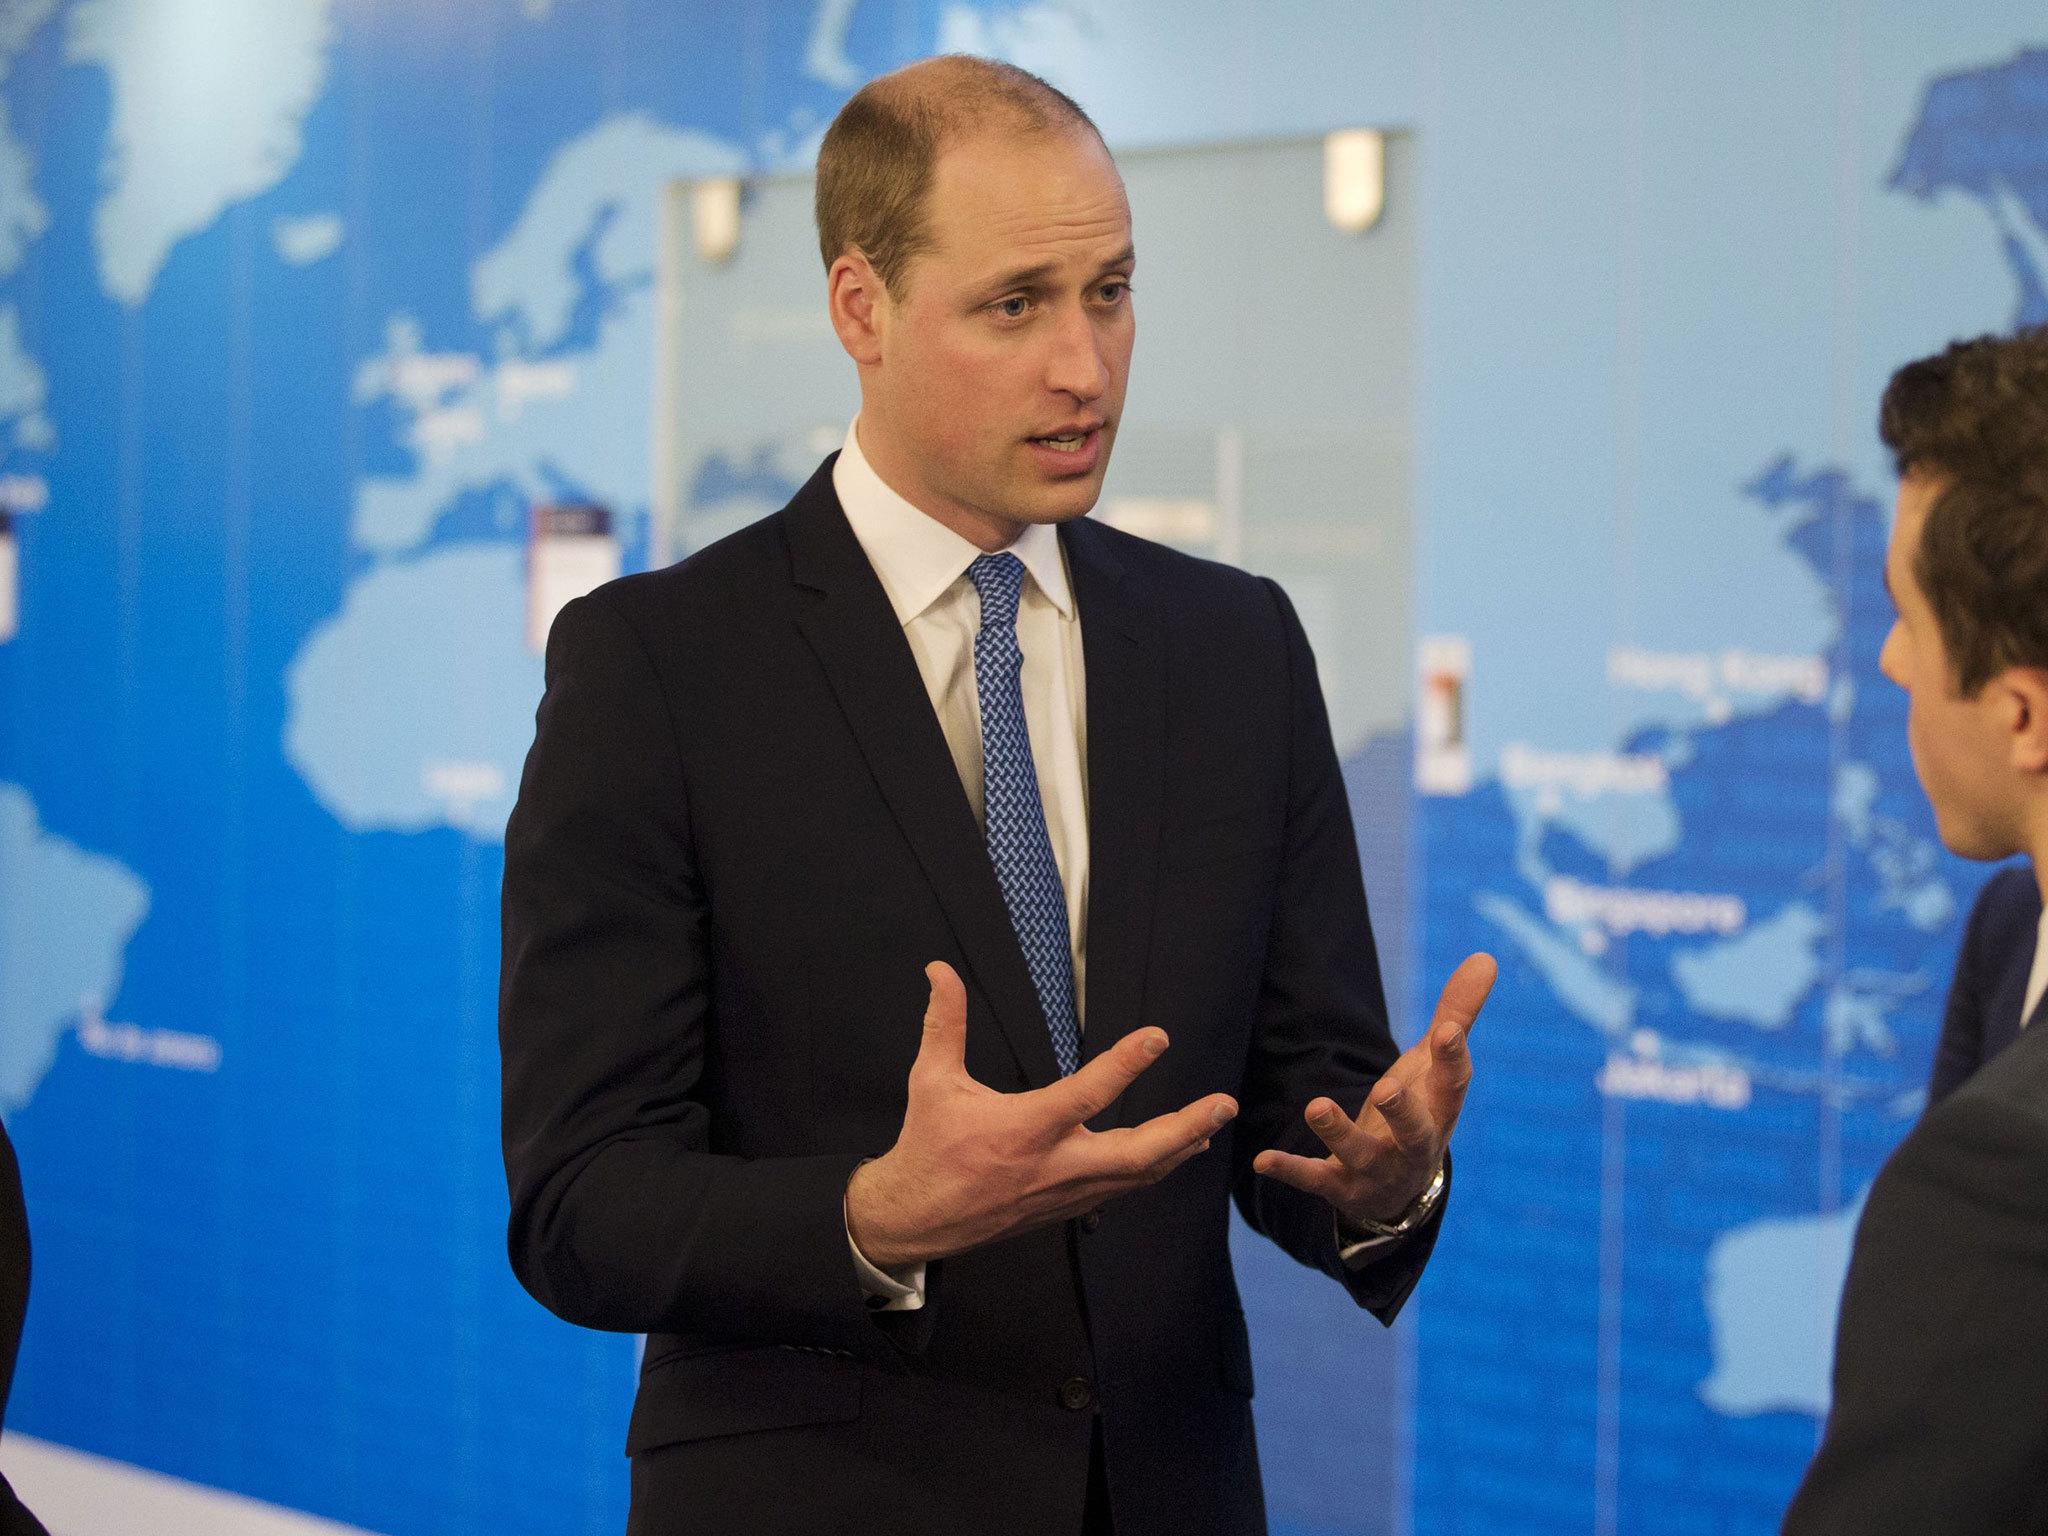 Prince William Pictures